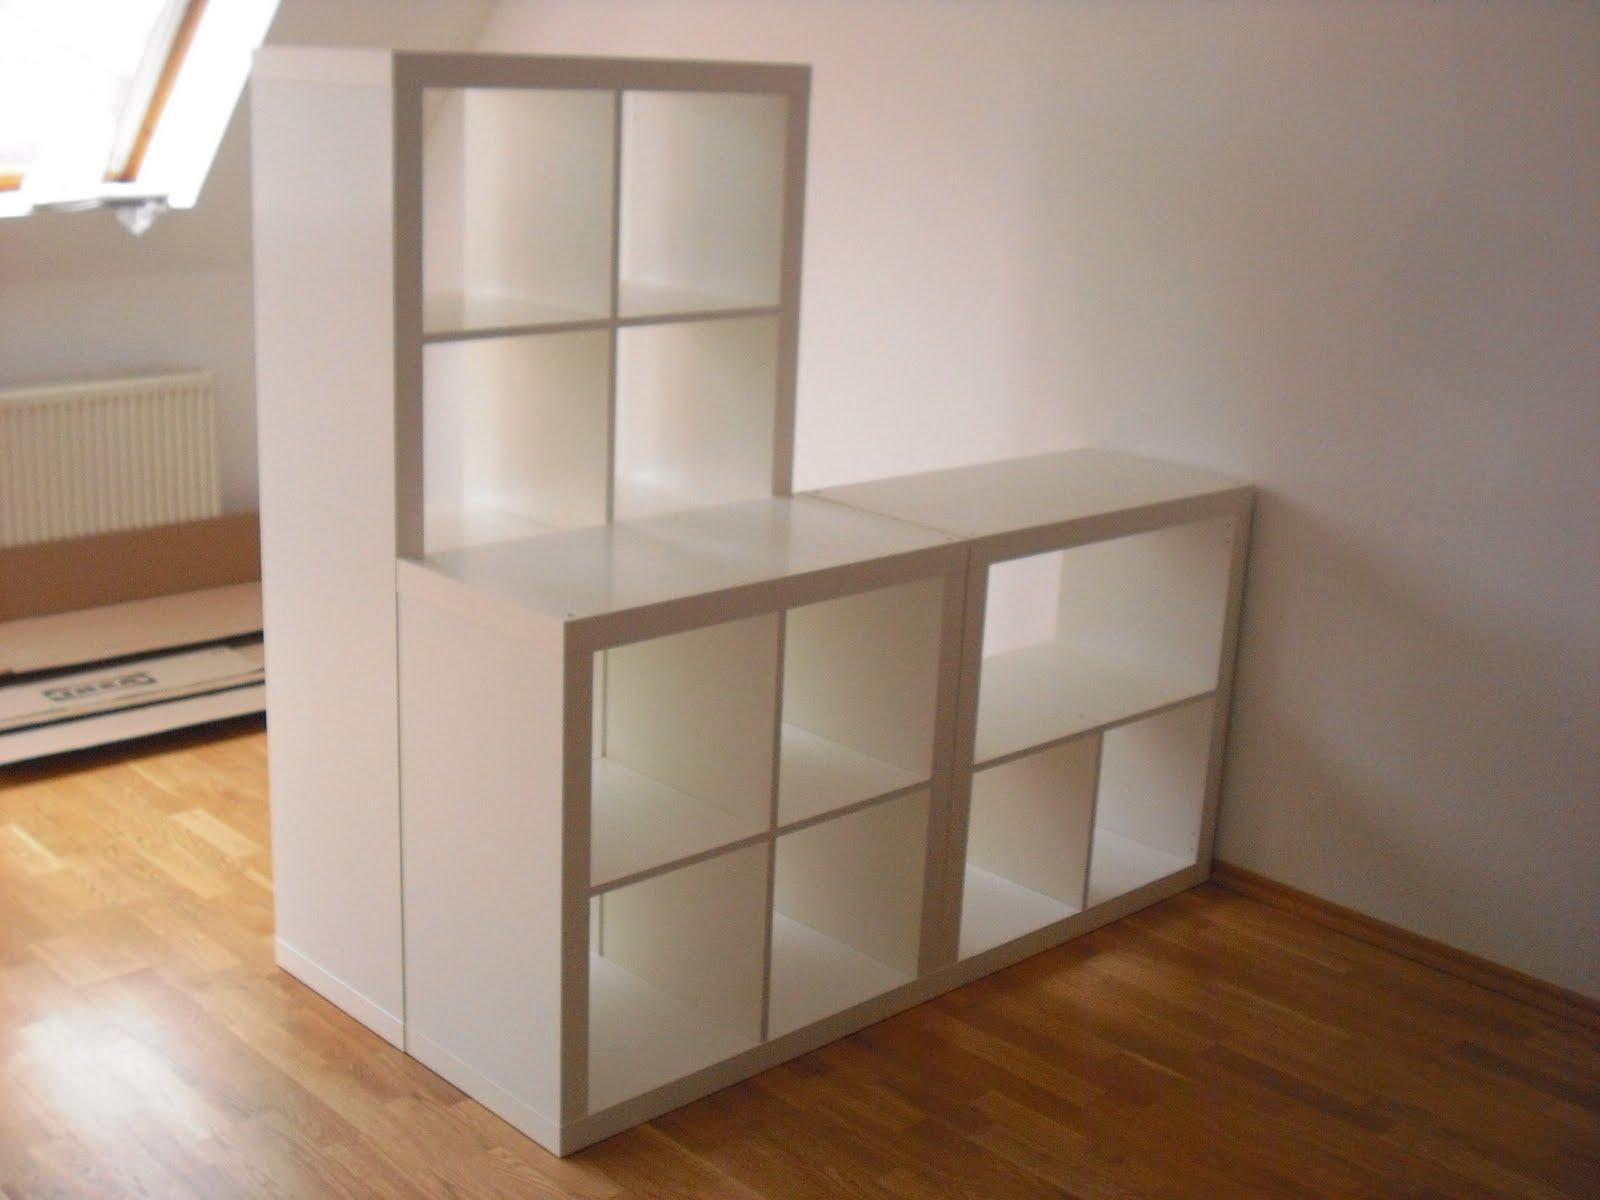 ikea raumtrenner inneneinrichtung und m bel. Black Bedroom Furniture Sets. Home Design Ideas